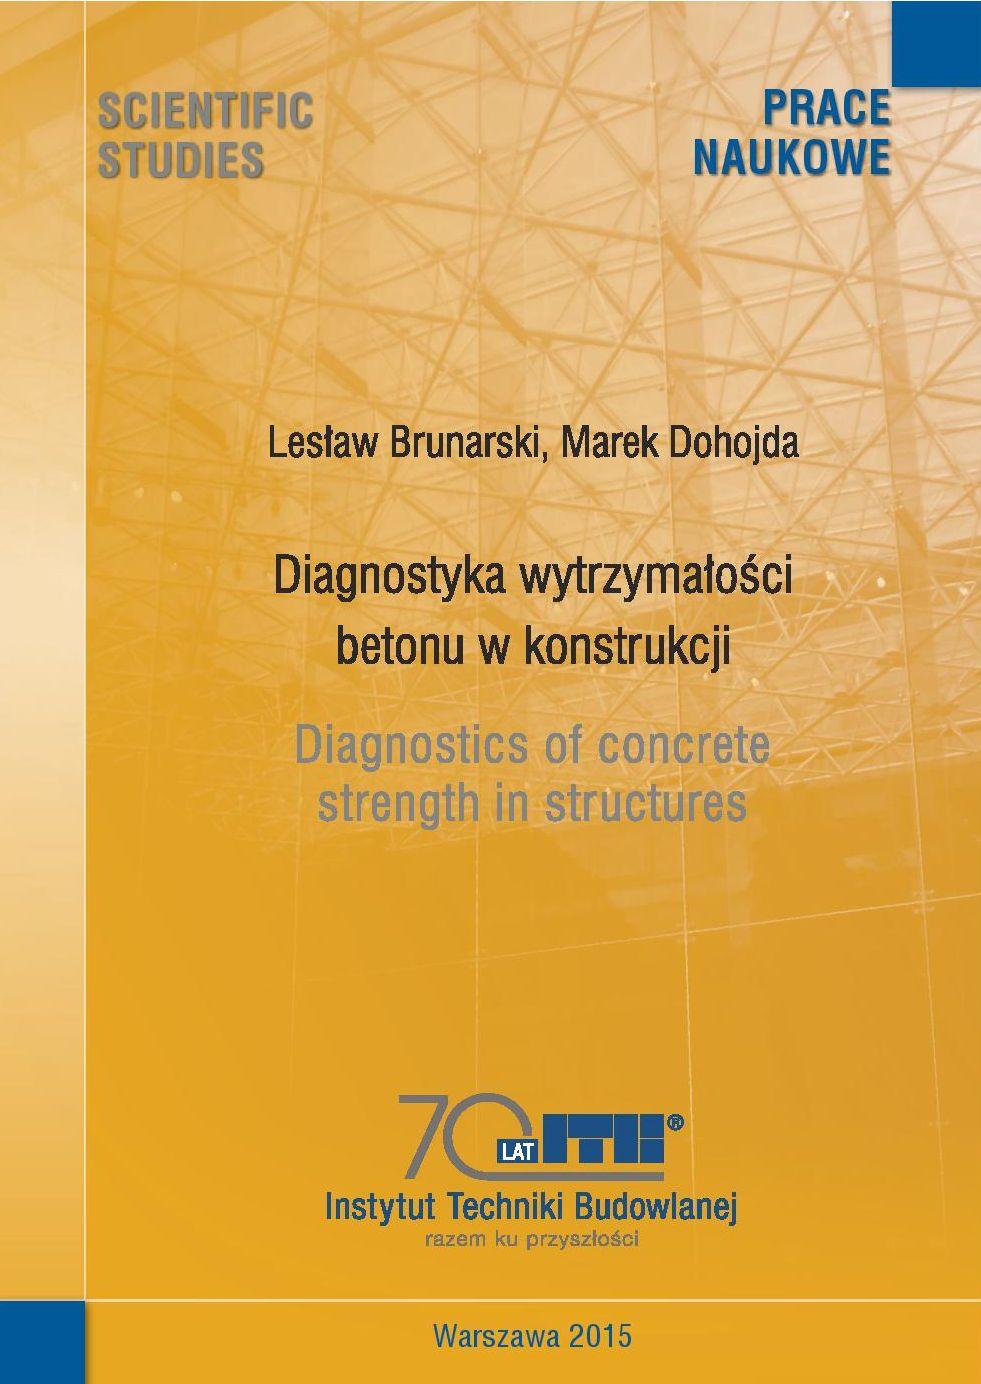 Diagnostyka wytrzymałości betonu w konstrukcji - ITB